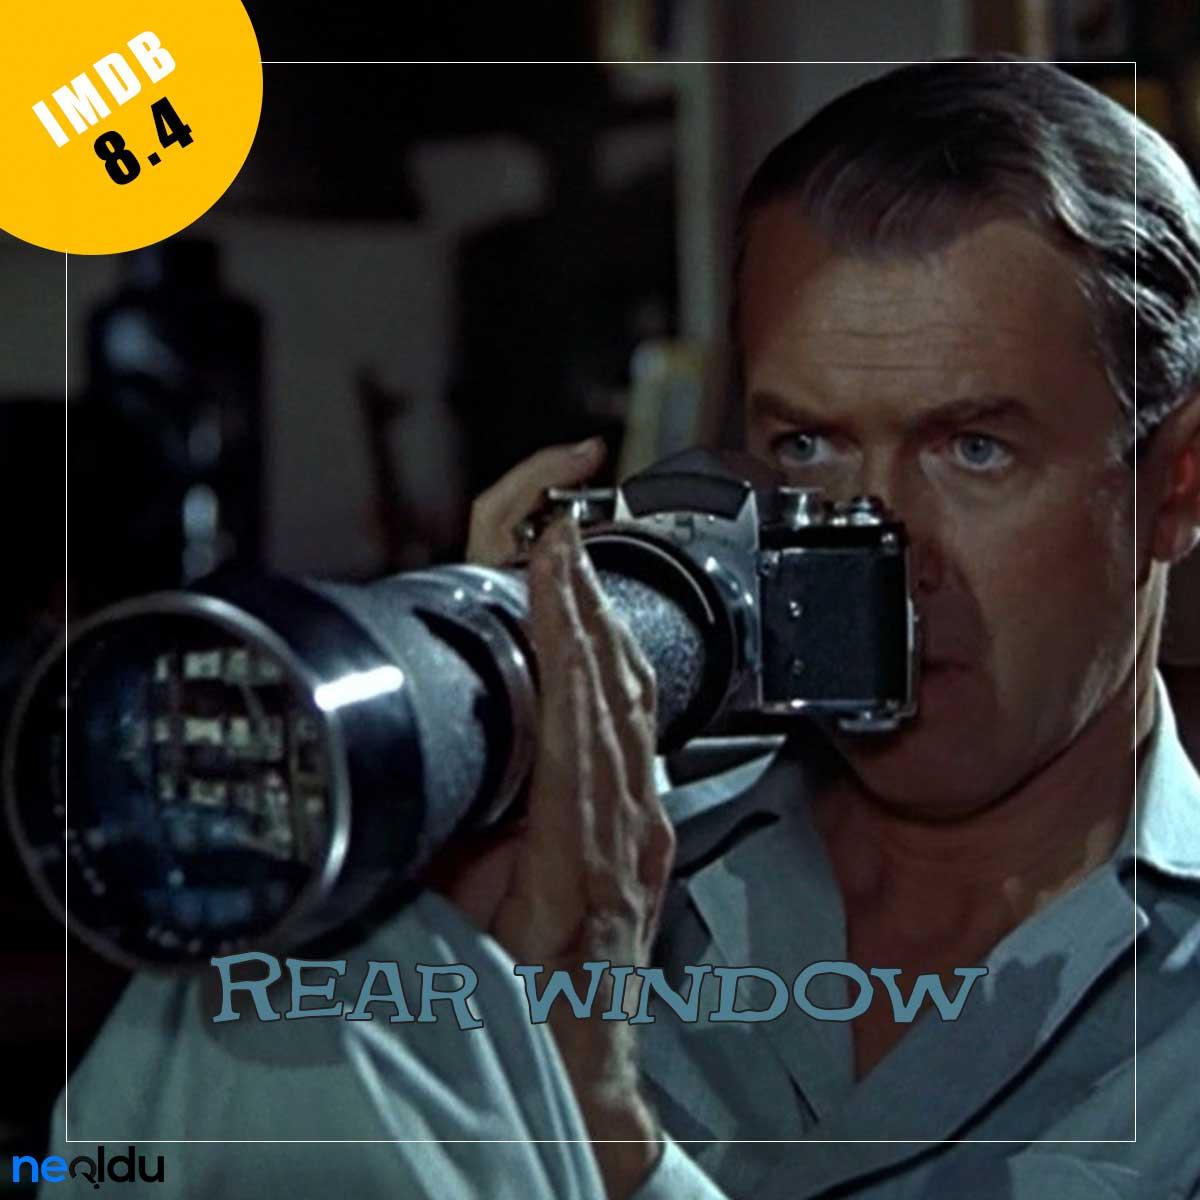 En İyi Dedektif Filmleri, Dedektif Filmi Önerileri